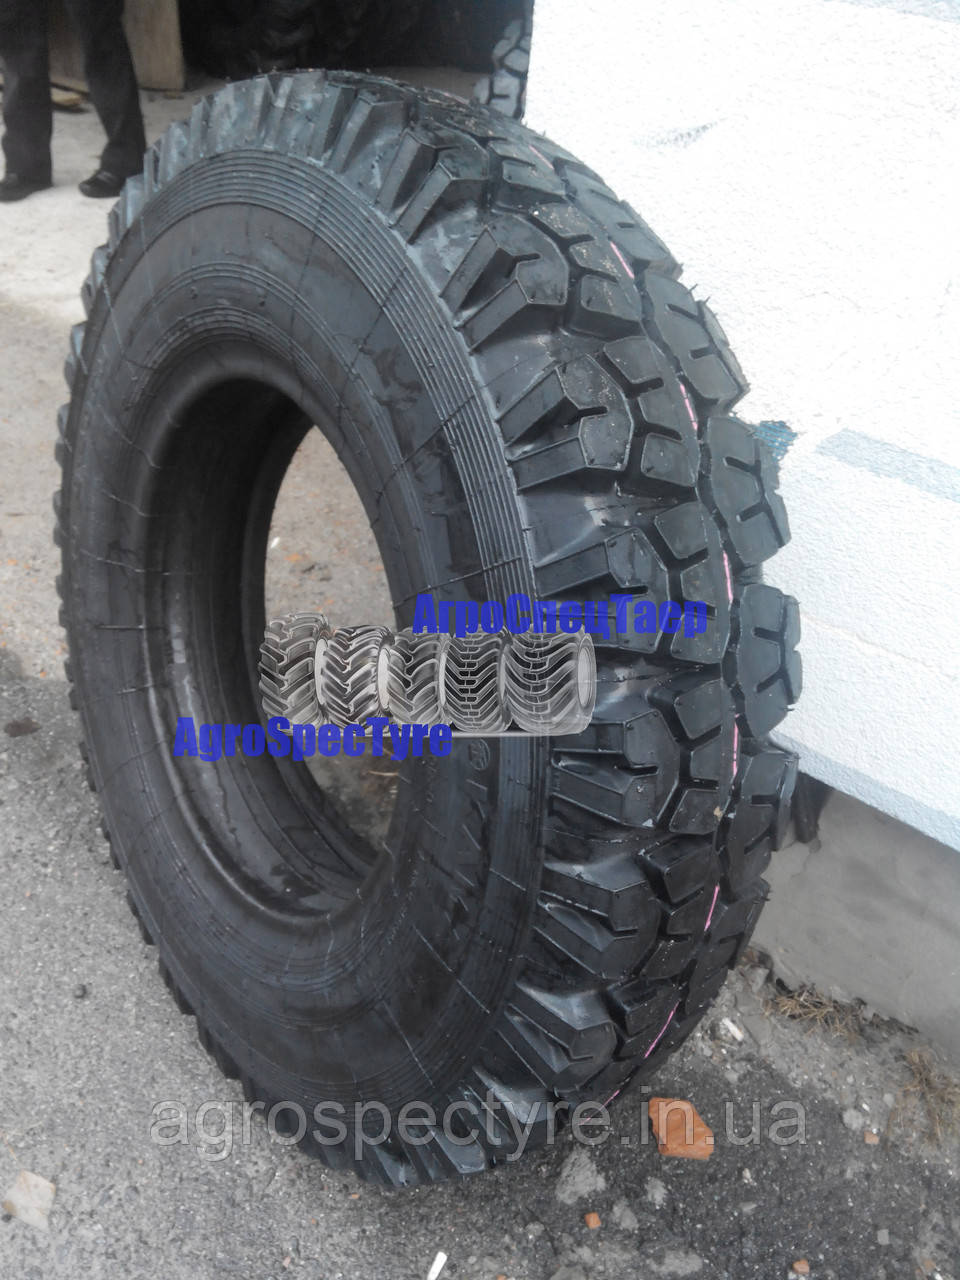 Шины кама 260 на камаз купить спб купить шины в петербурге закон